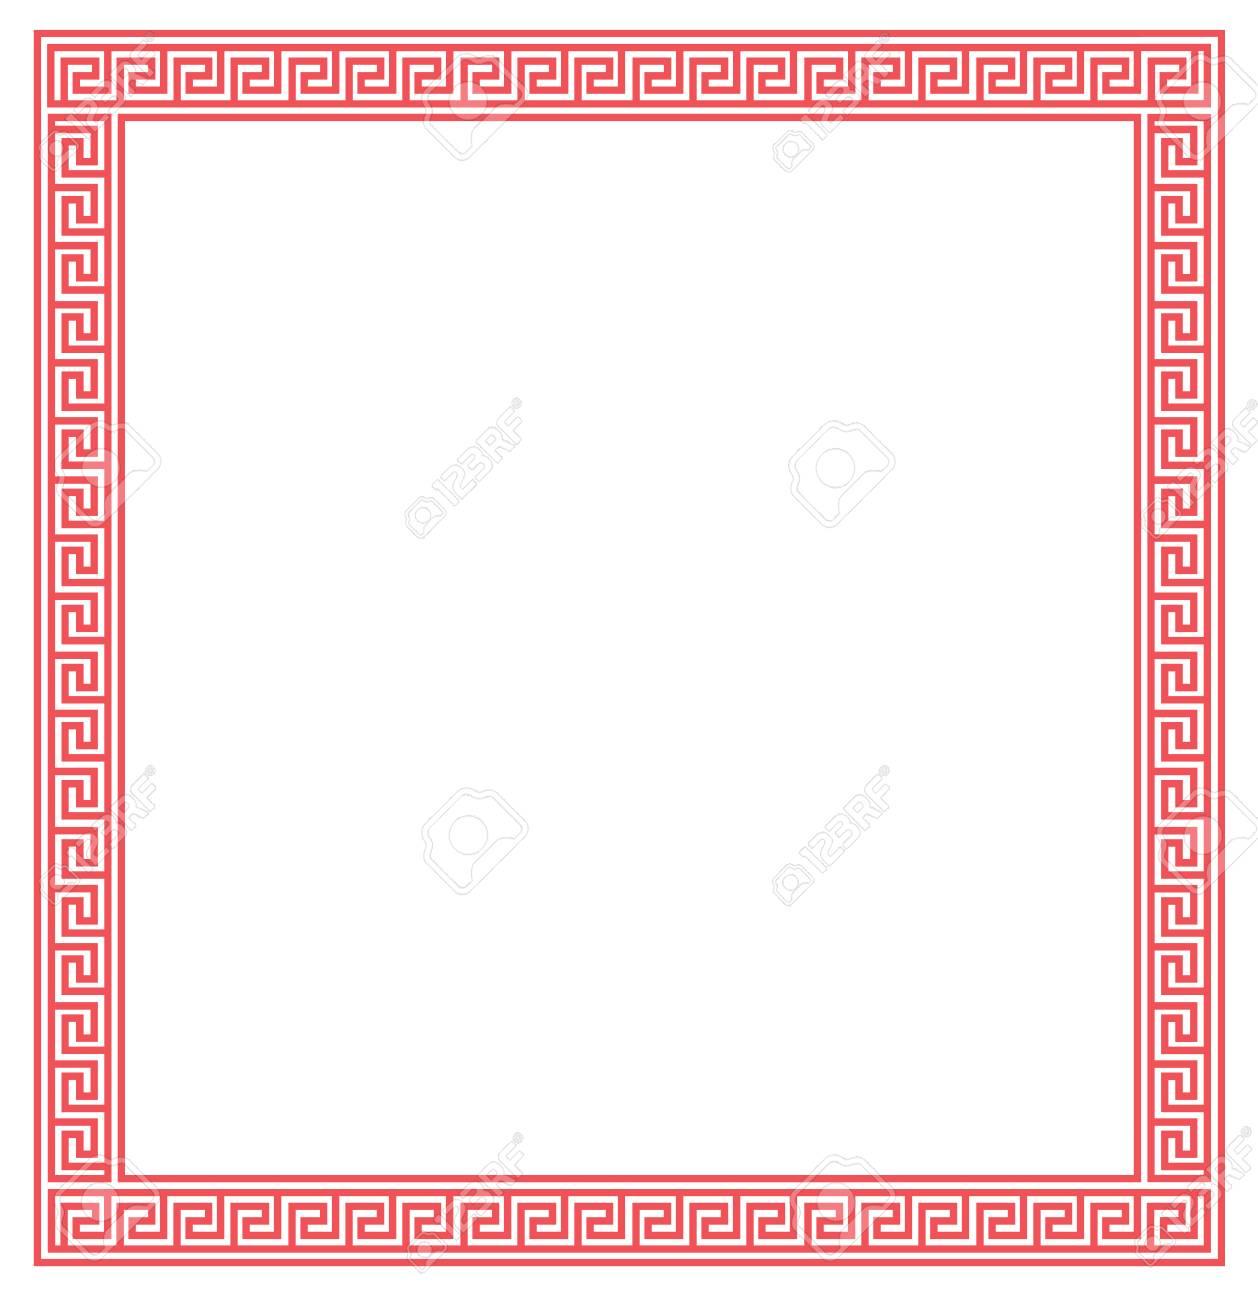 Chinesischer Roter Rahmen Auf Weißem Hintergrund. Vektor-Design ...